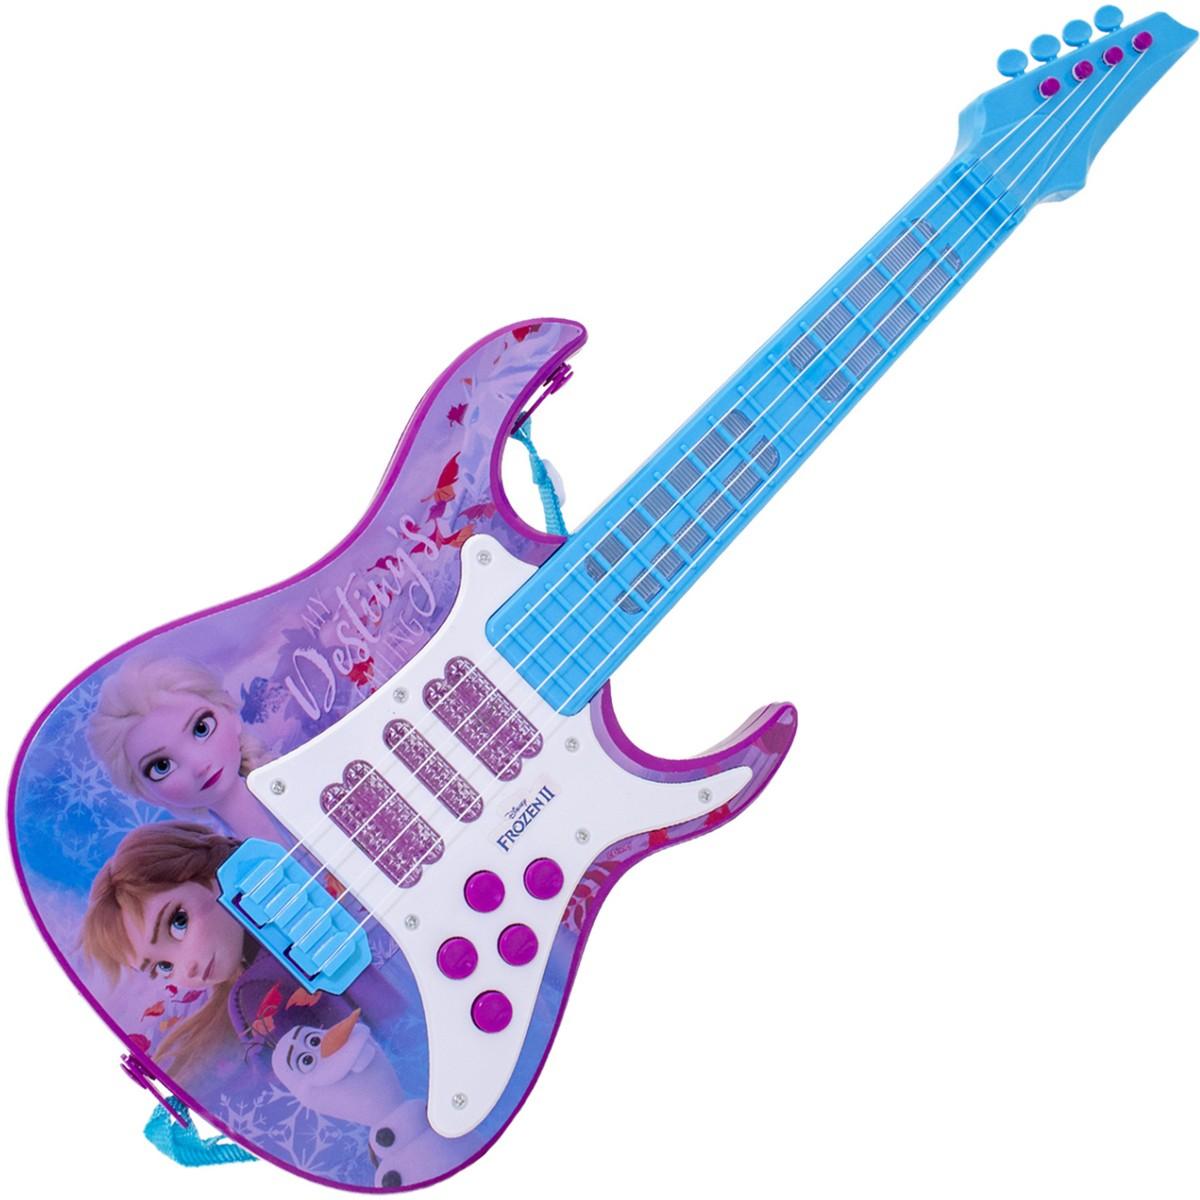 Guitarra Elétrica Infantil Musical Criativa Frozen 2 Portátil Variação De Luz Efeitos Sonoros Cordas Em Nylon Toyng